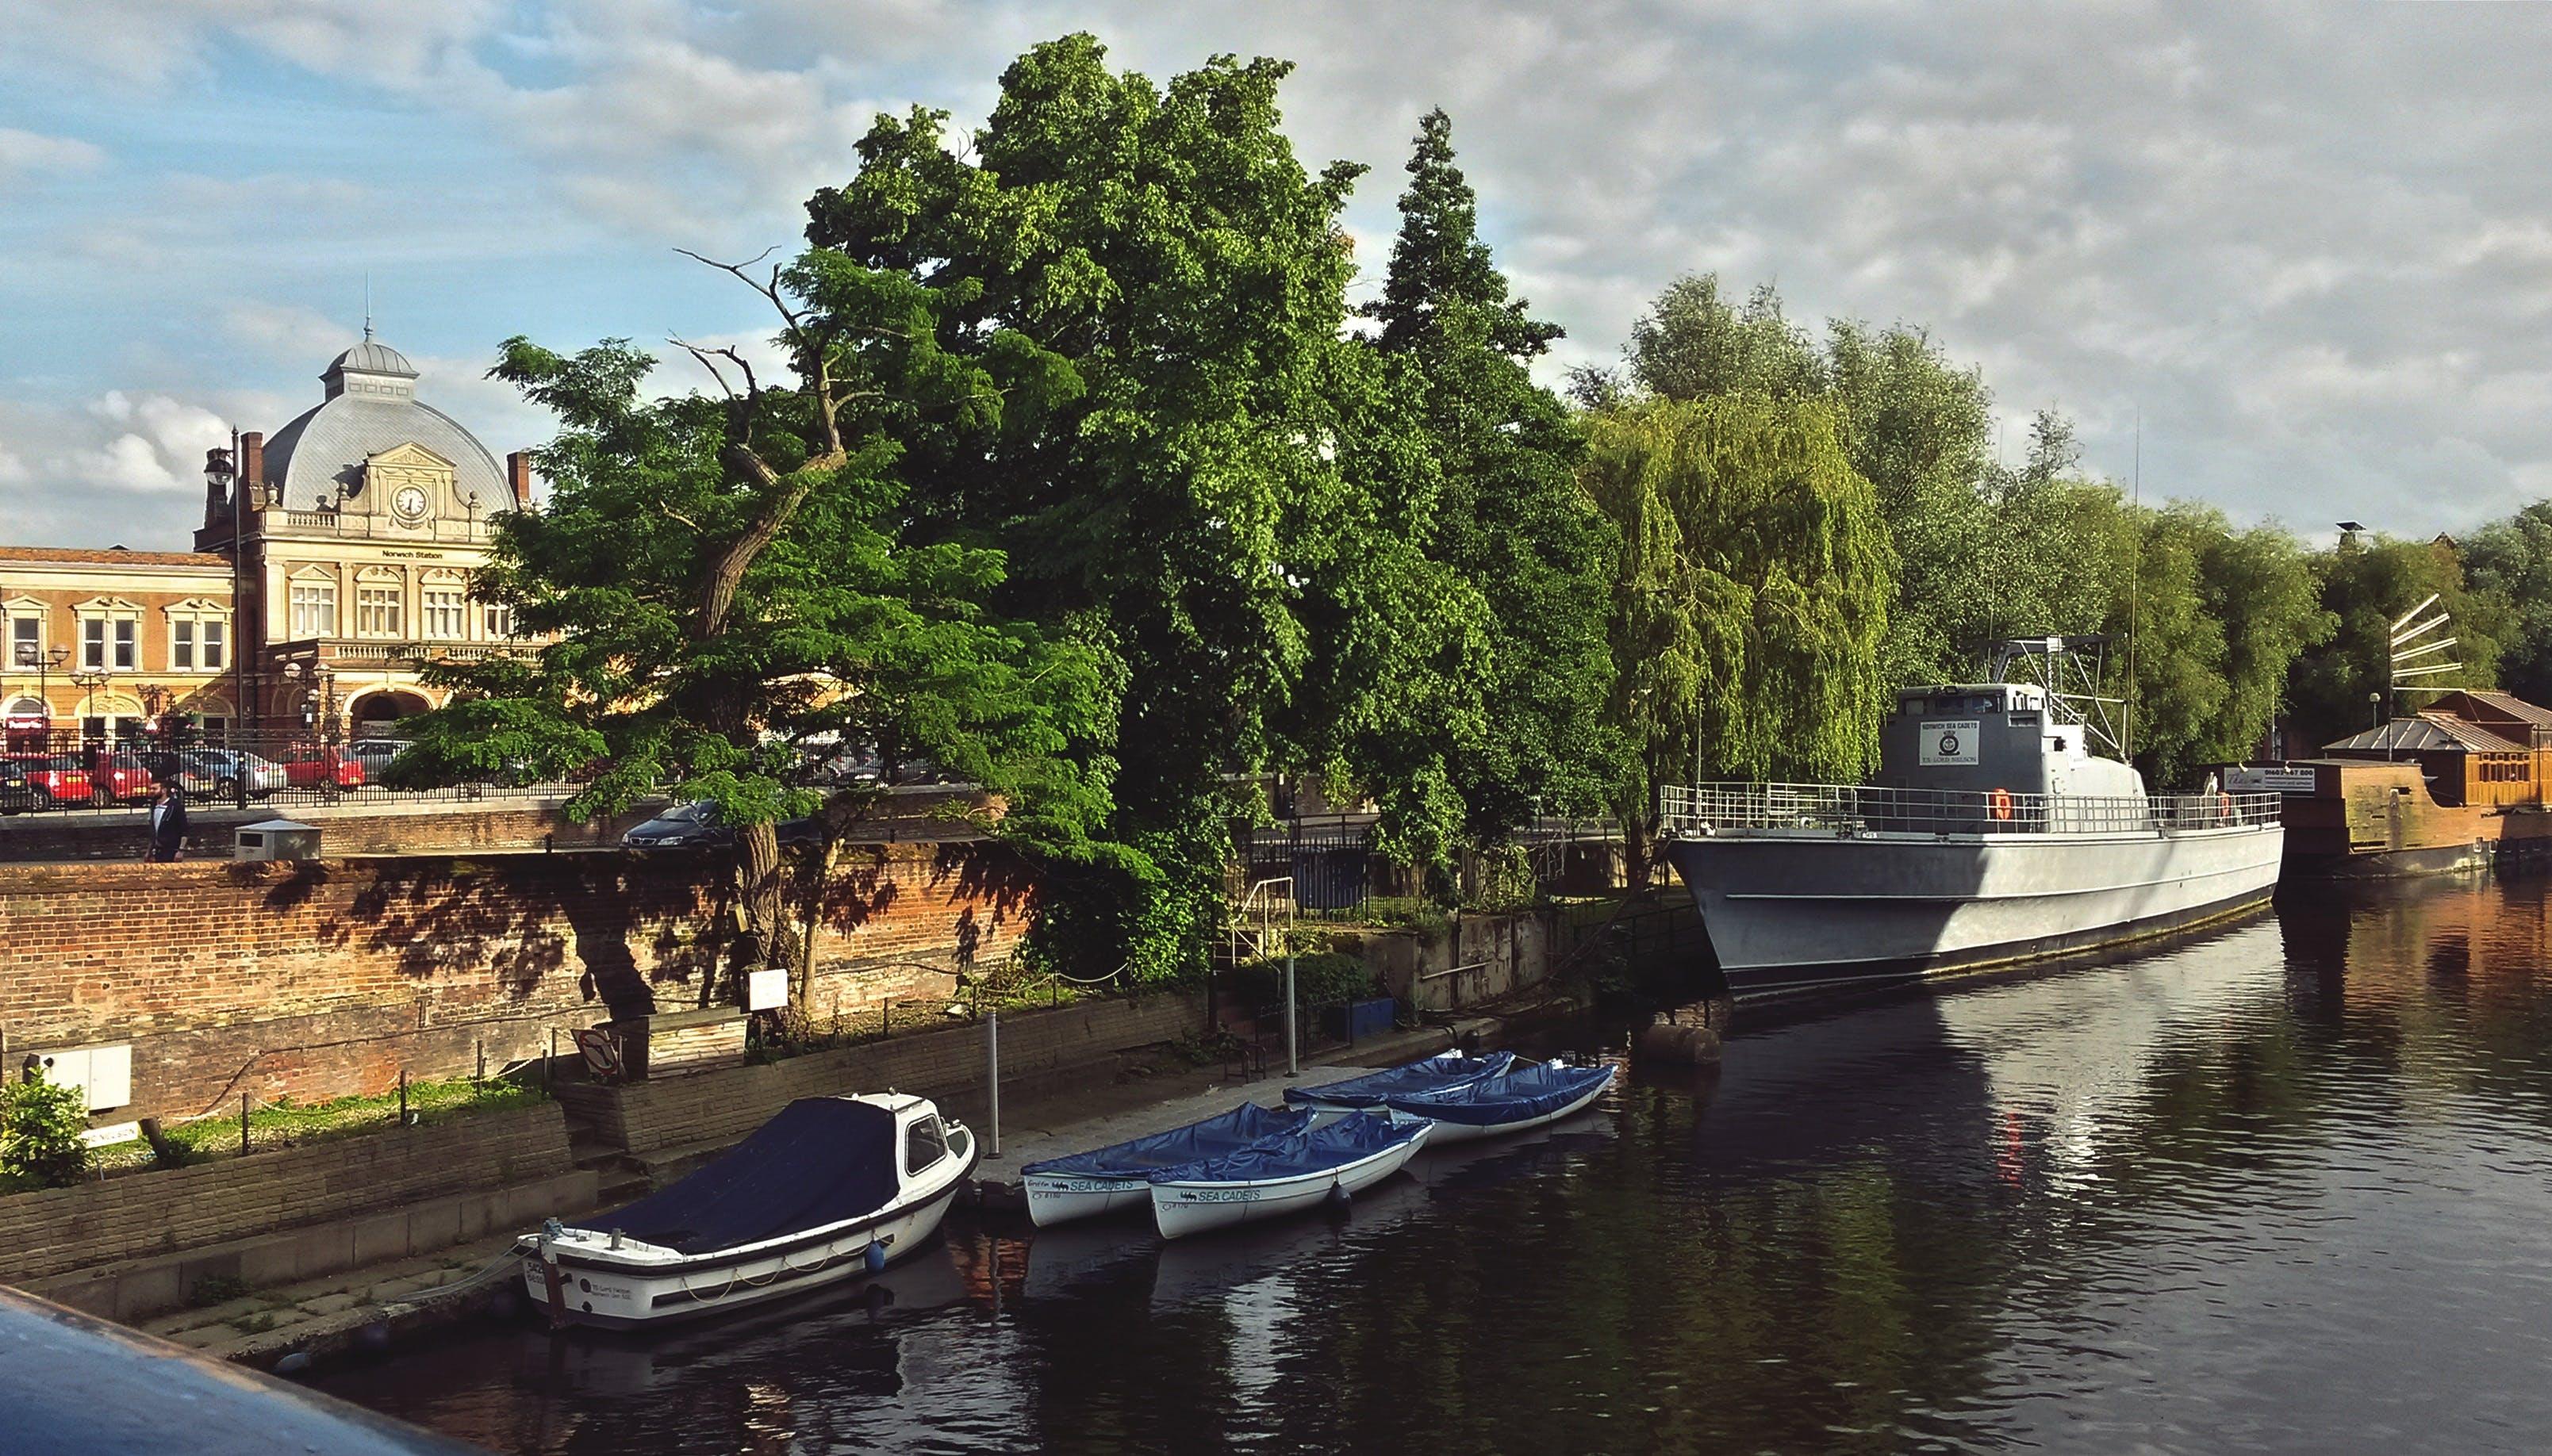 강, 기차역, 도시, 물의 무료 스톡 사진